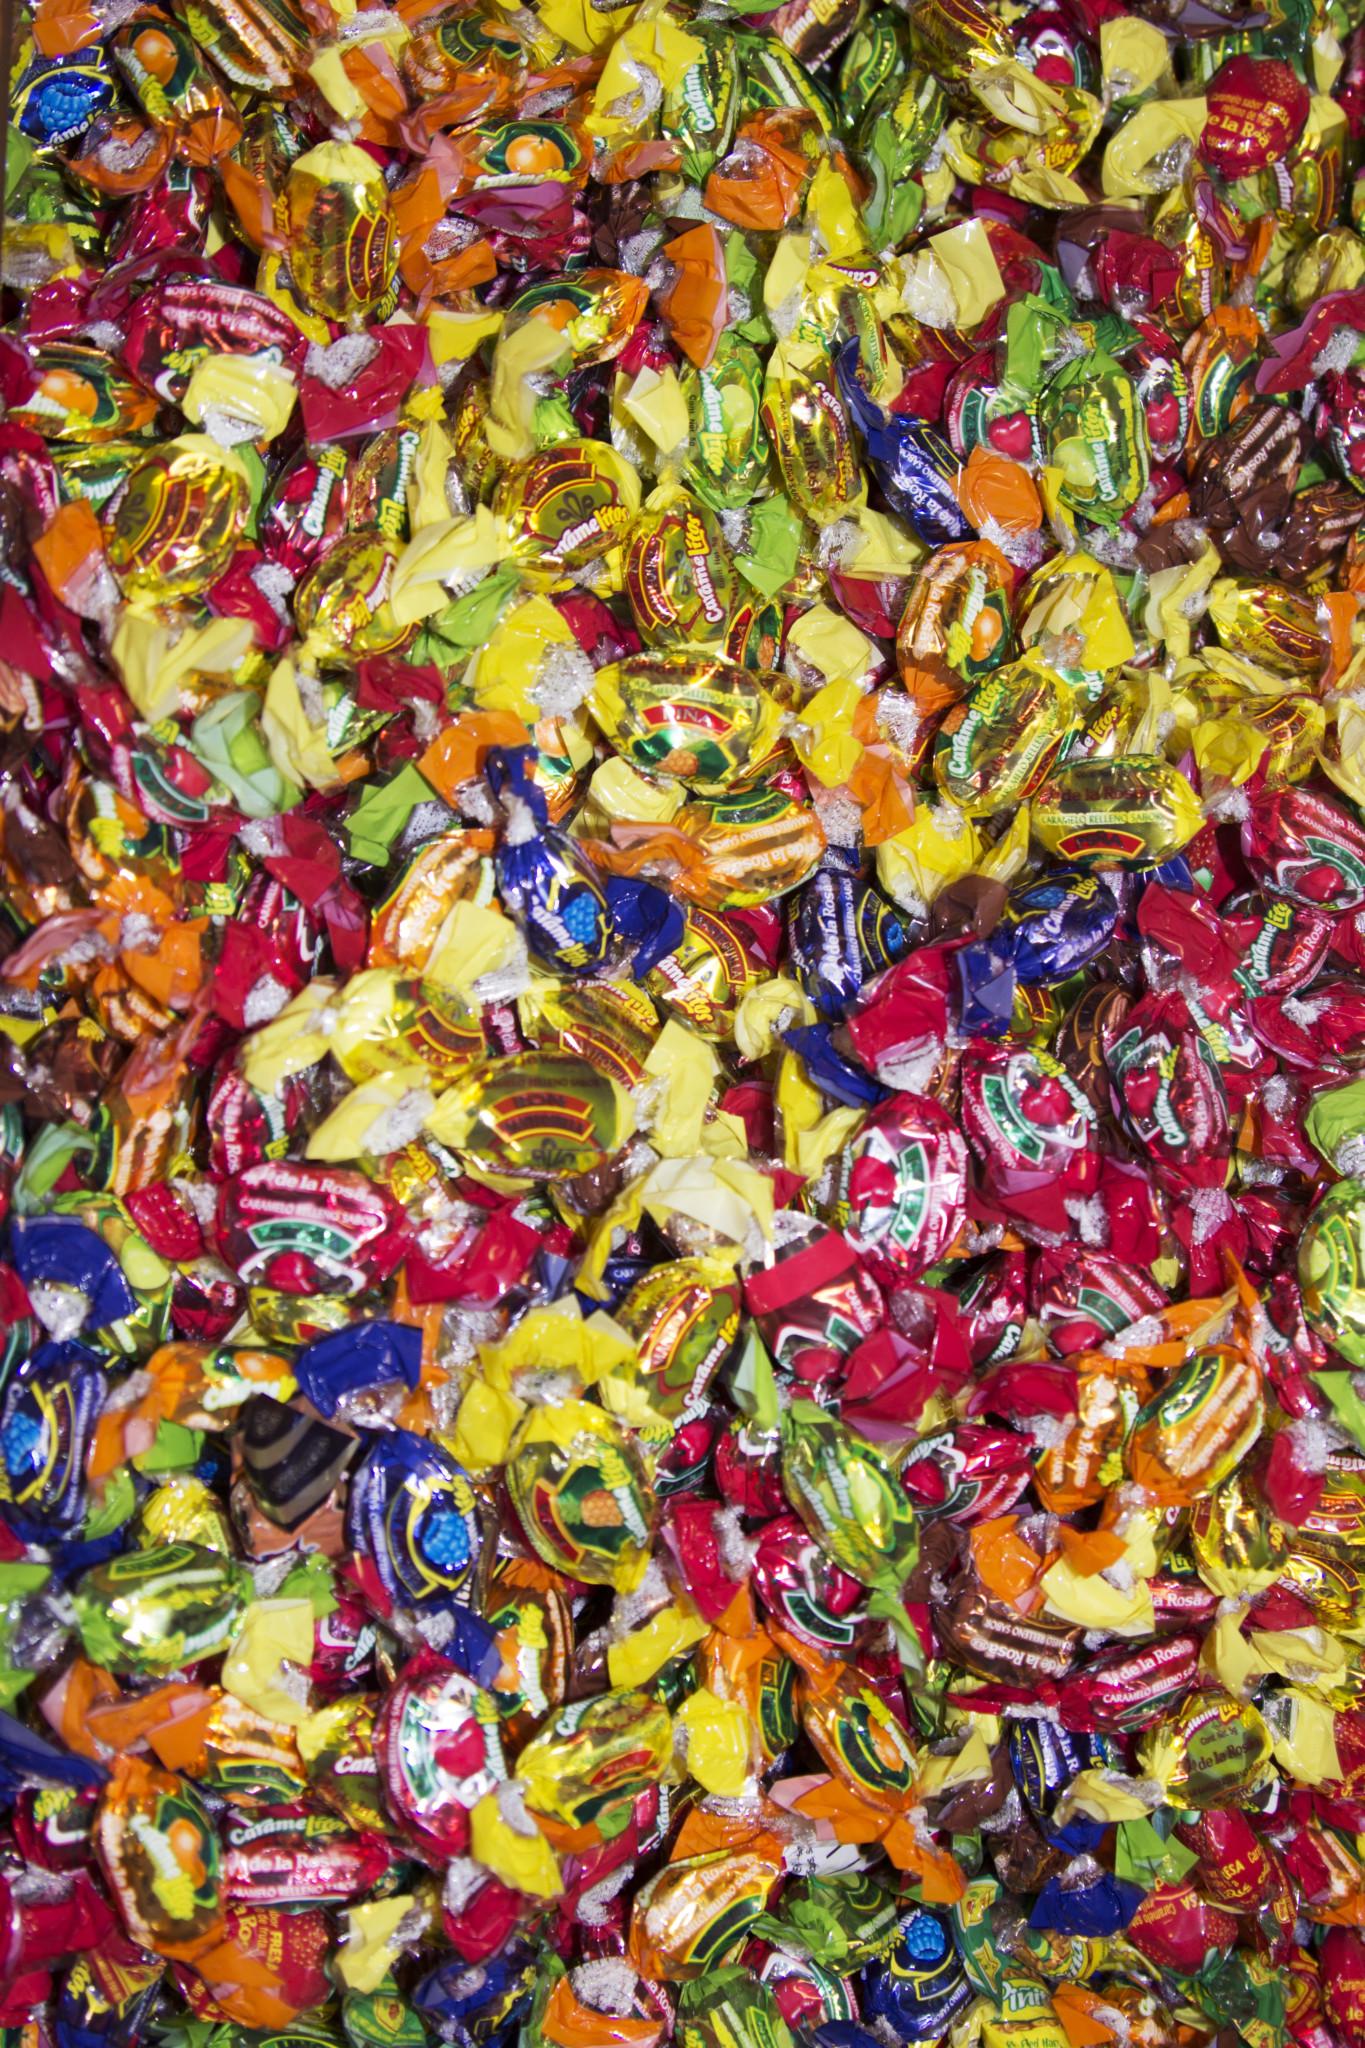 7 Emmanuel Ramirez Candy